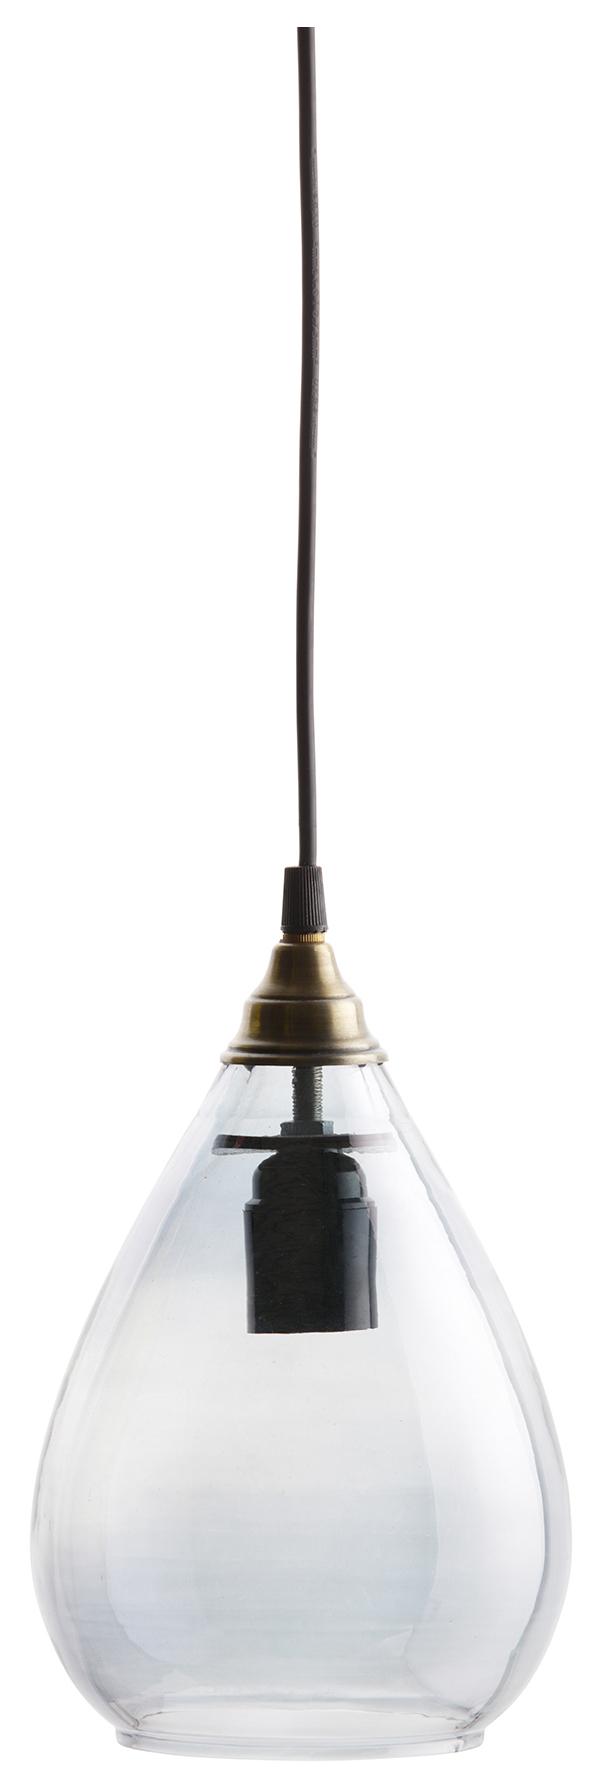 BePureHome Hanglamp 'Simple' Medium, kleur Grijs Verlichting | Hanglampen kopen